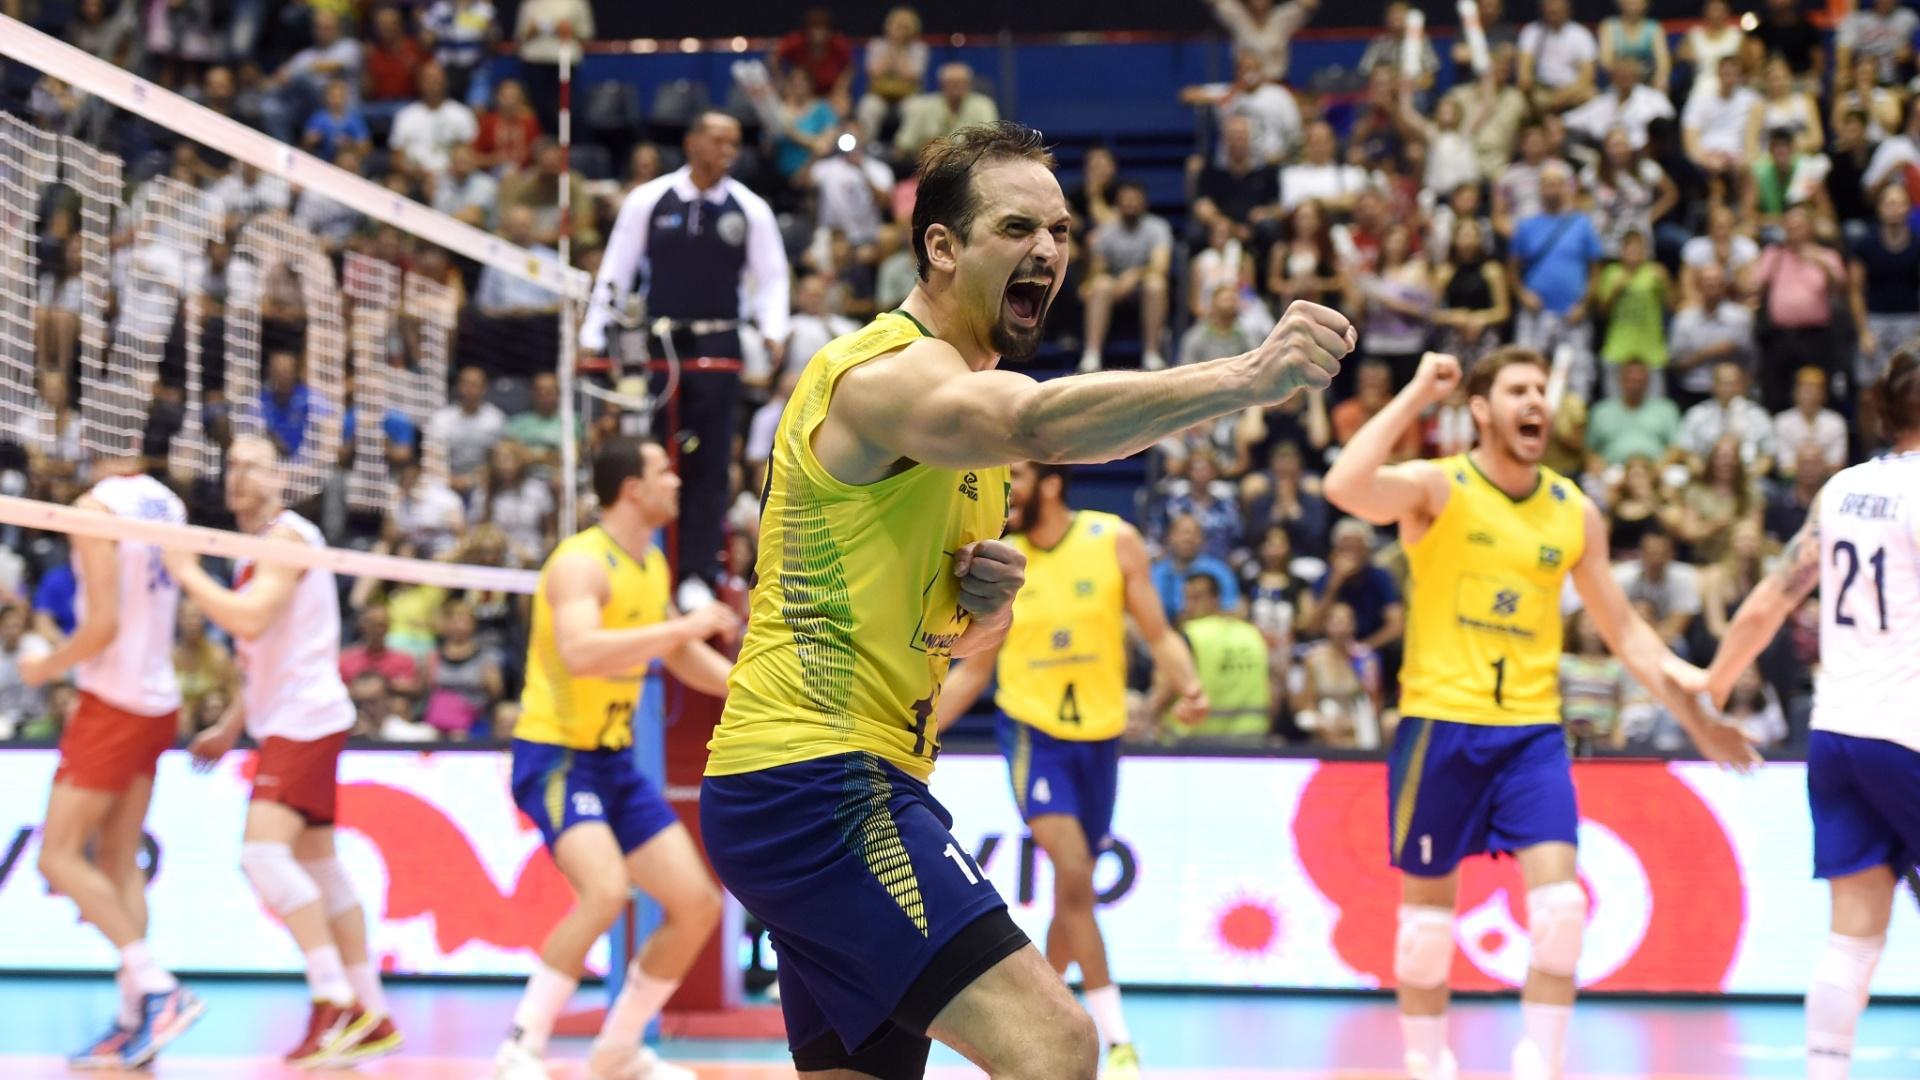 Jogadores do Brasil comemoram ponto na partida contra a Sérvia pela primeira fase da Liga Mundial